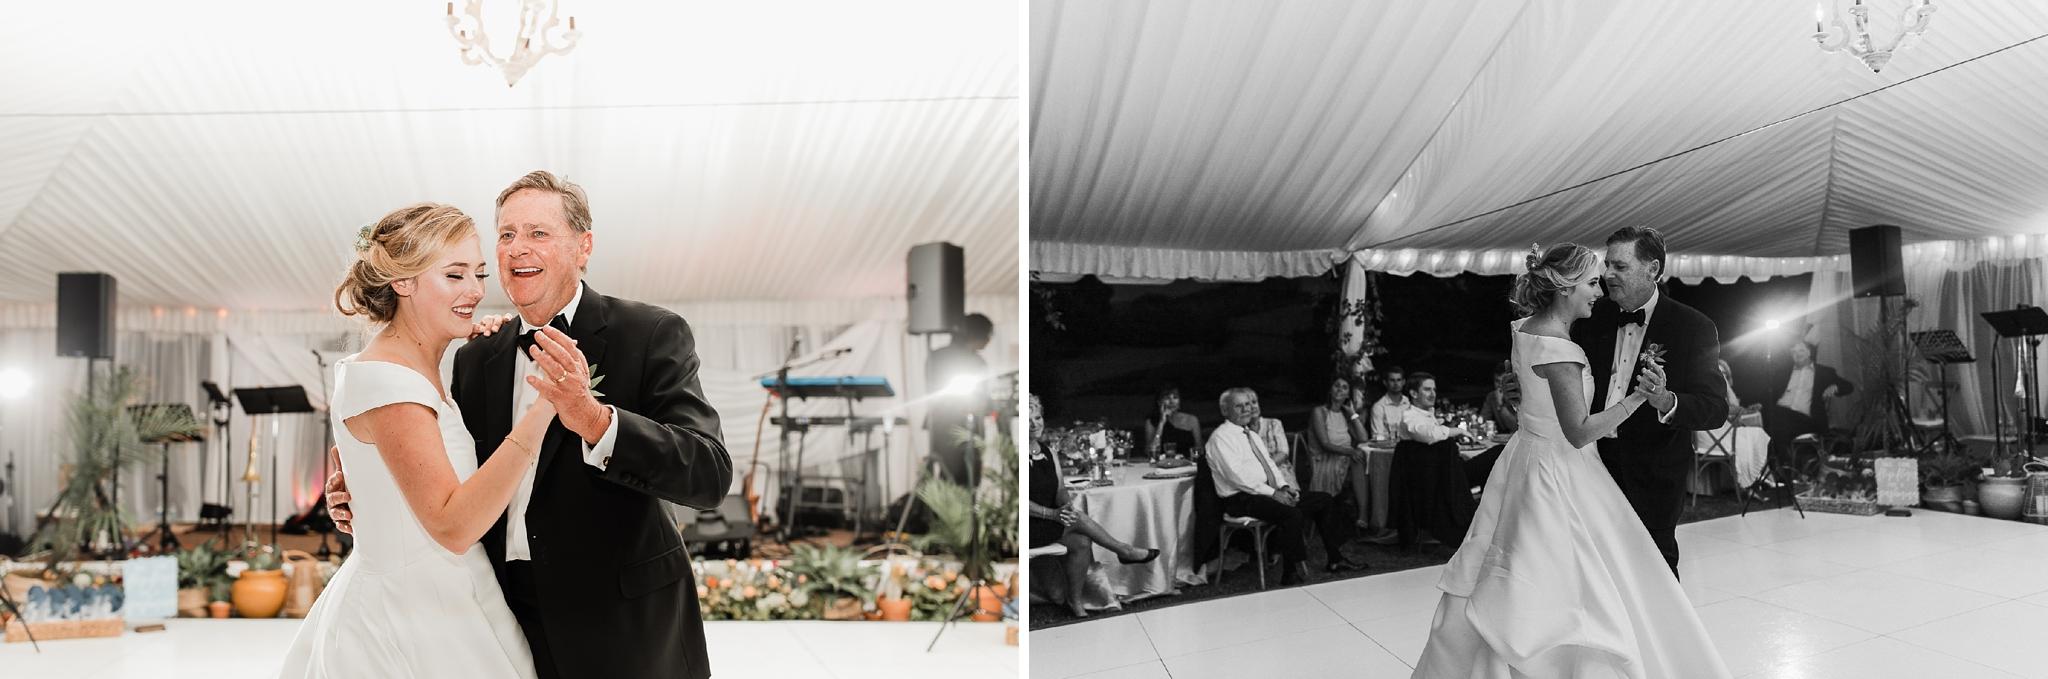 Alicia+lucia+photography+-+albuquerque+wedding+photographer+-+santa+fe+wedding+photography+-+new+mexico+wedding+photographer+-+new+mexico+wedding+-+las+campanas+wedding+-+santa+fe+wedding+-+maximalist+wedding+-+destination+wedding_0152.jpg